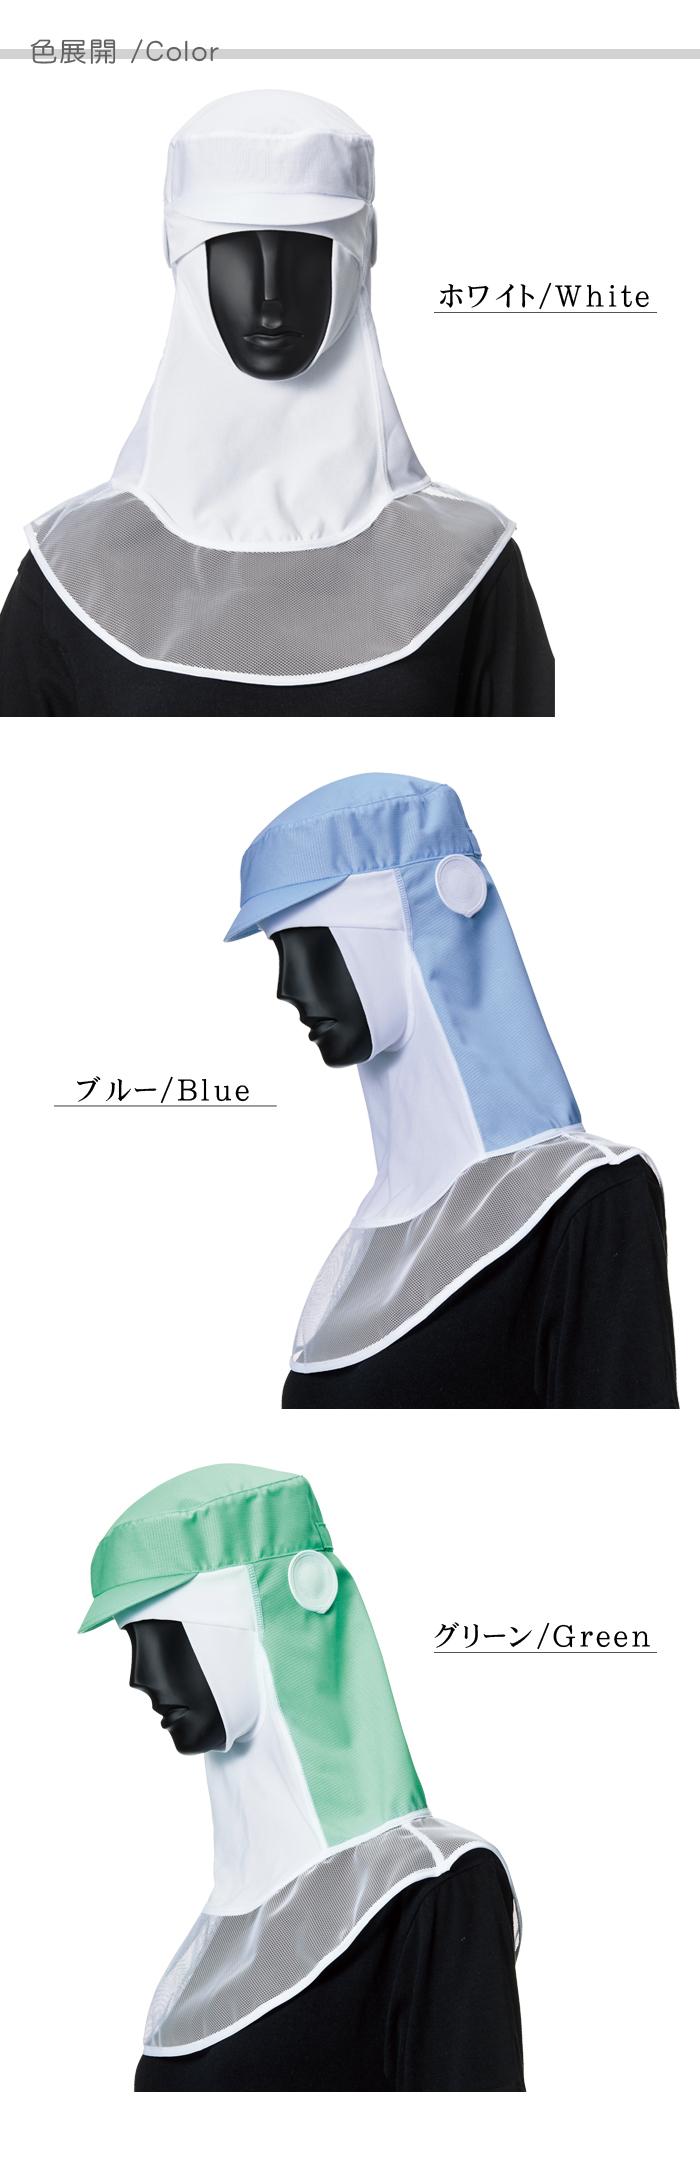 DC5258冷感衛生フード[男女兼用] 首部分広め(3色)食品工場衛生服 帽子 吸汗速乾 HACCP 作業着制服 色展開説明